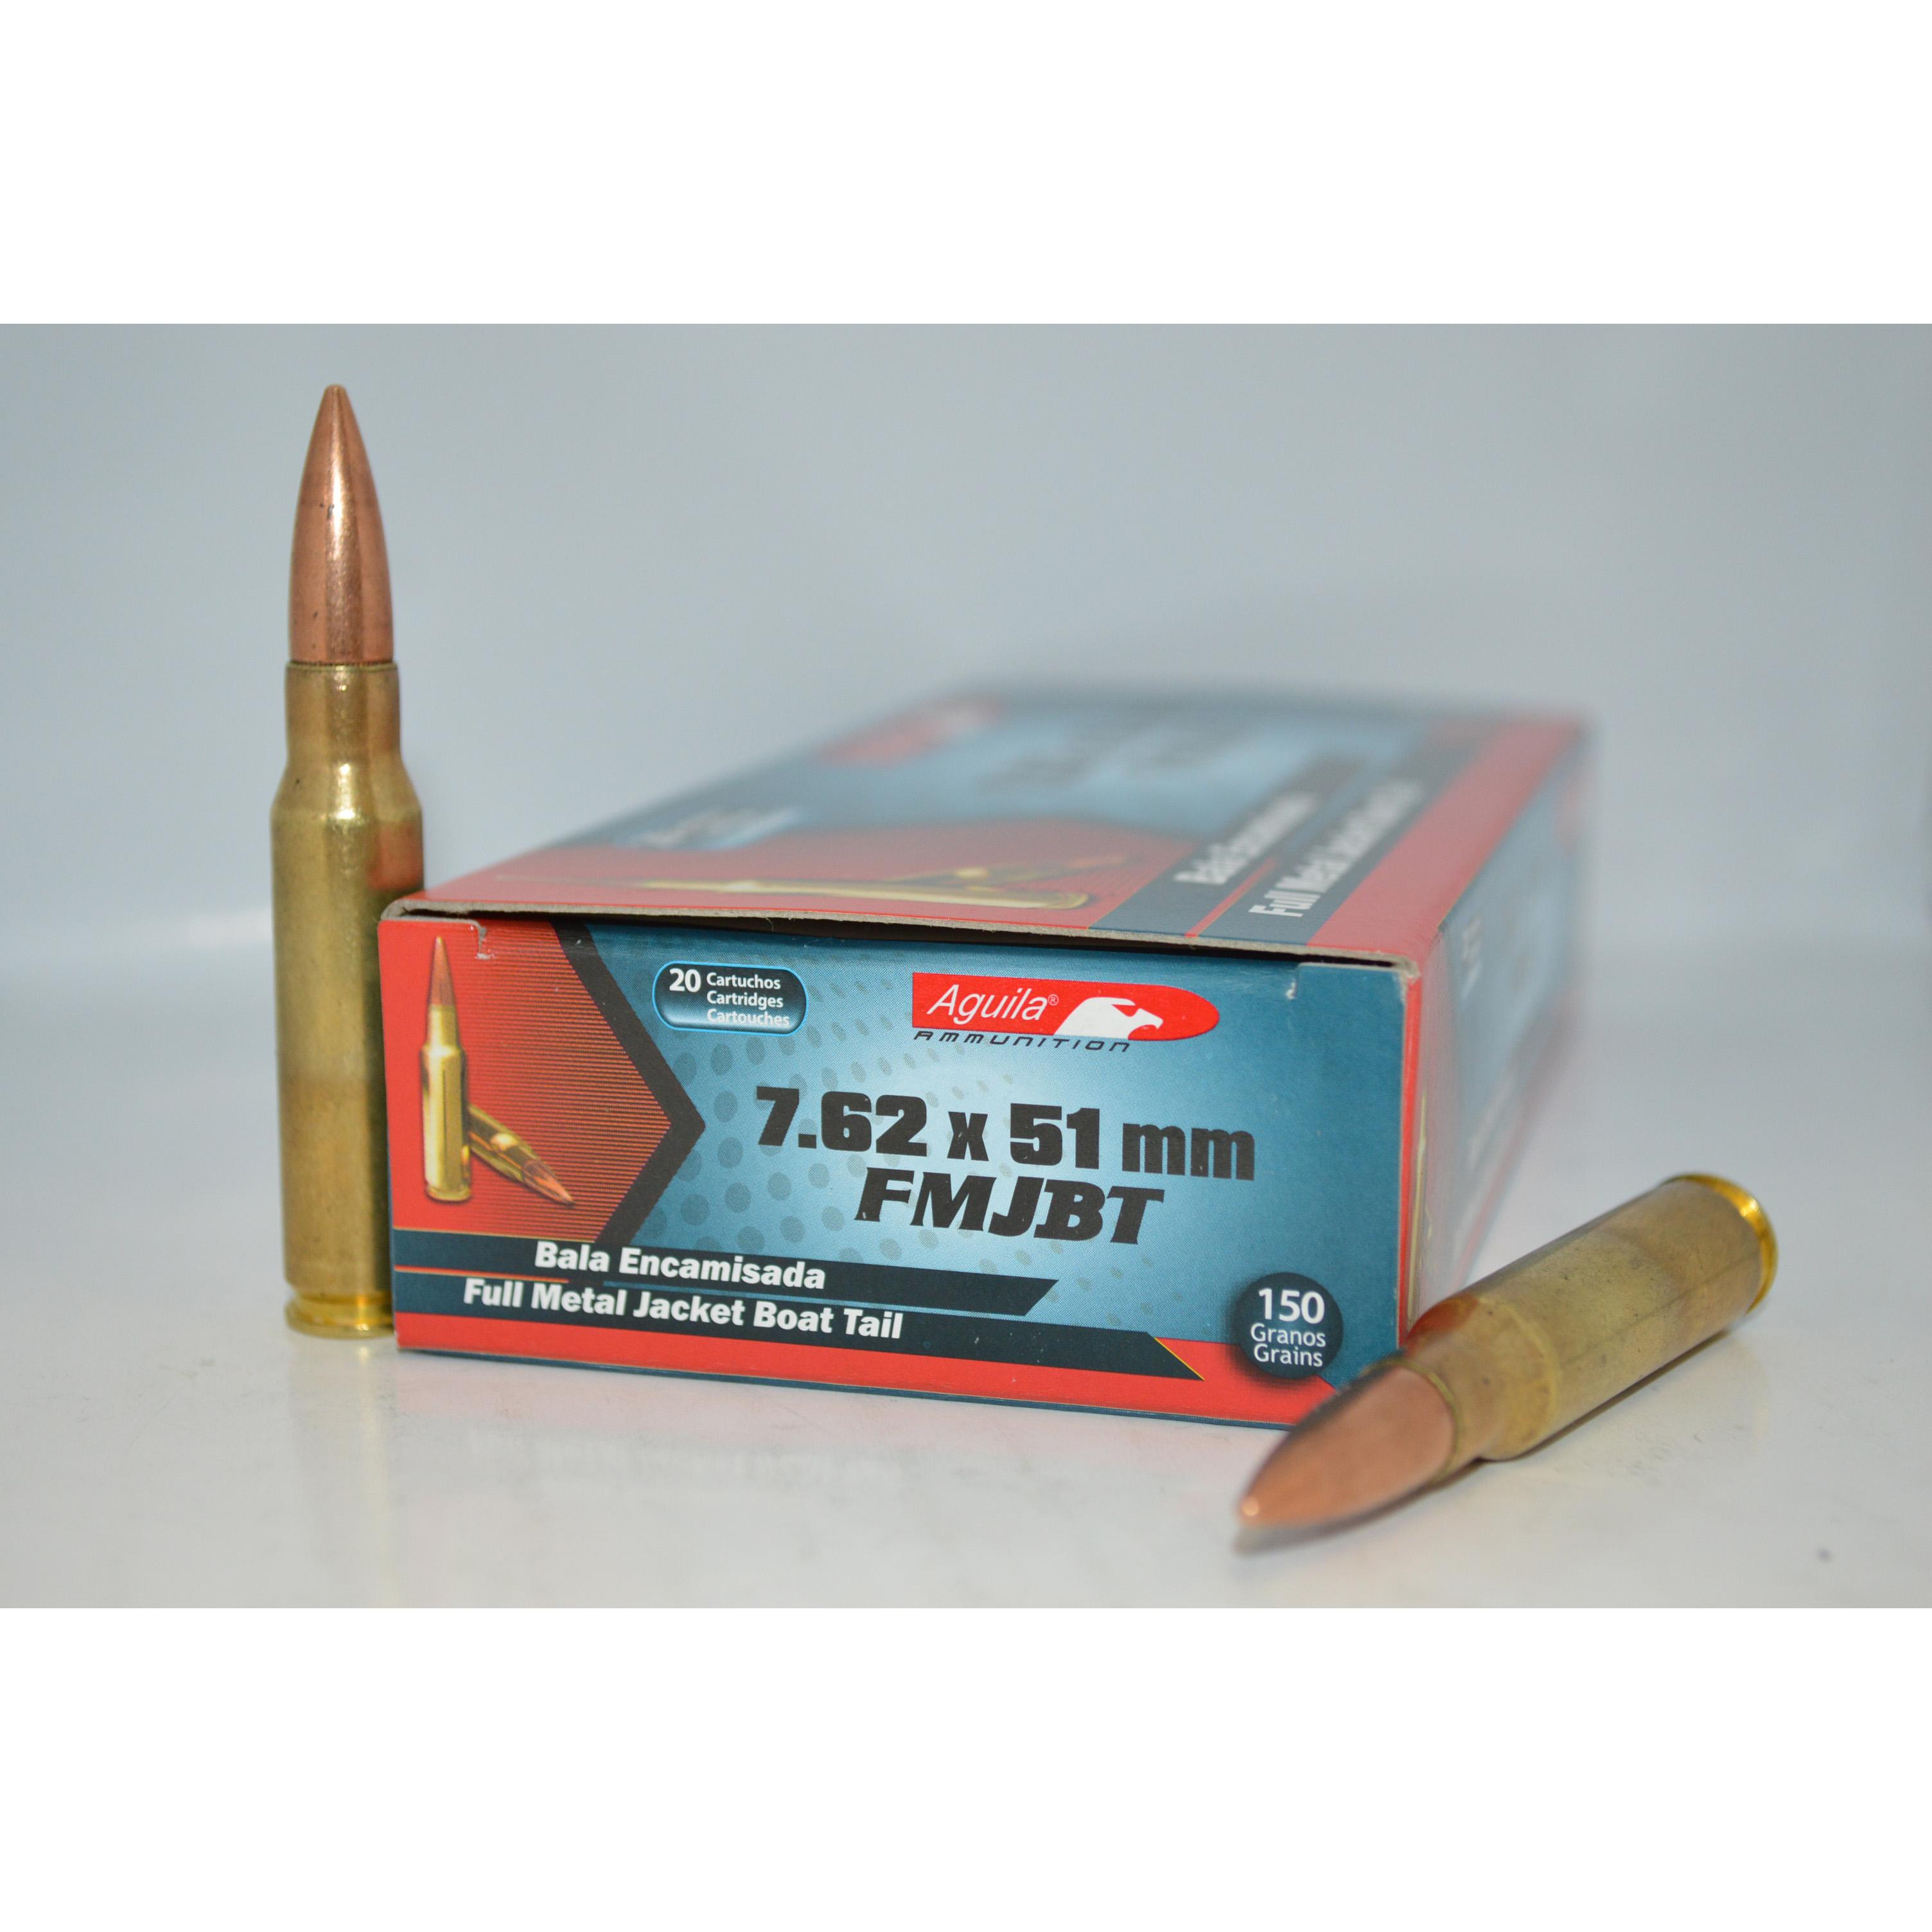 Aguila 7.62x51mm 150gr FMJBT